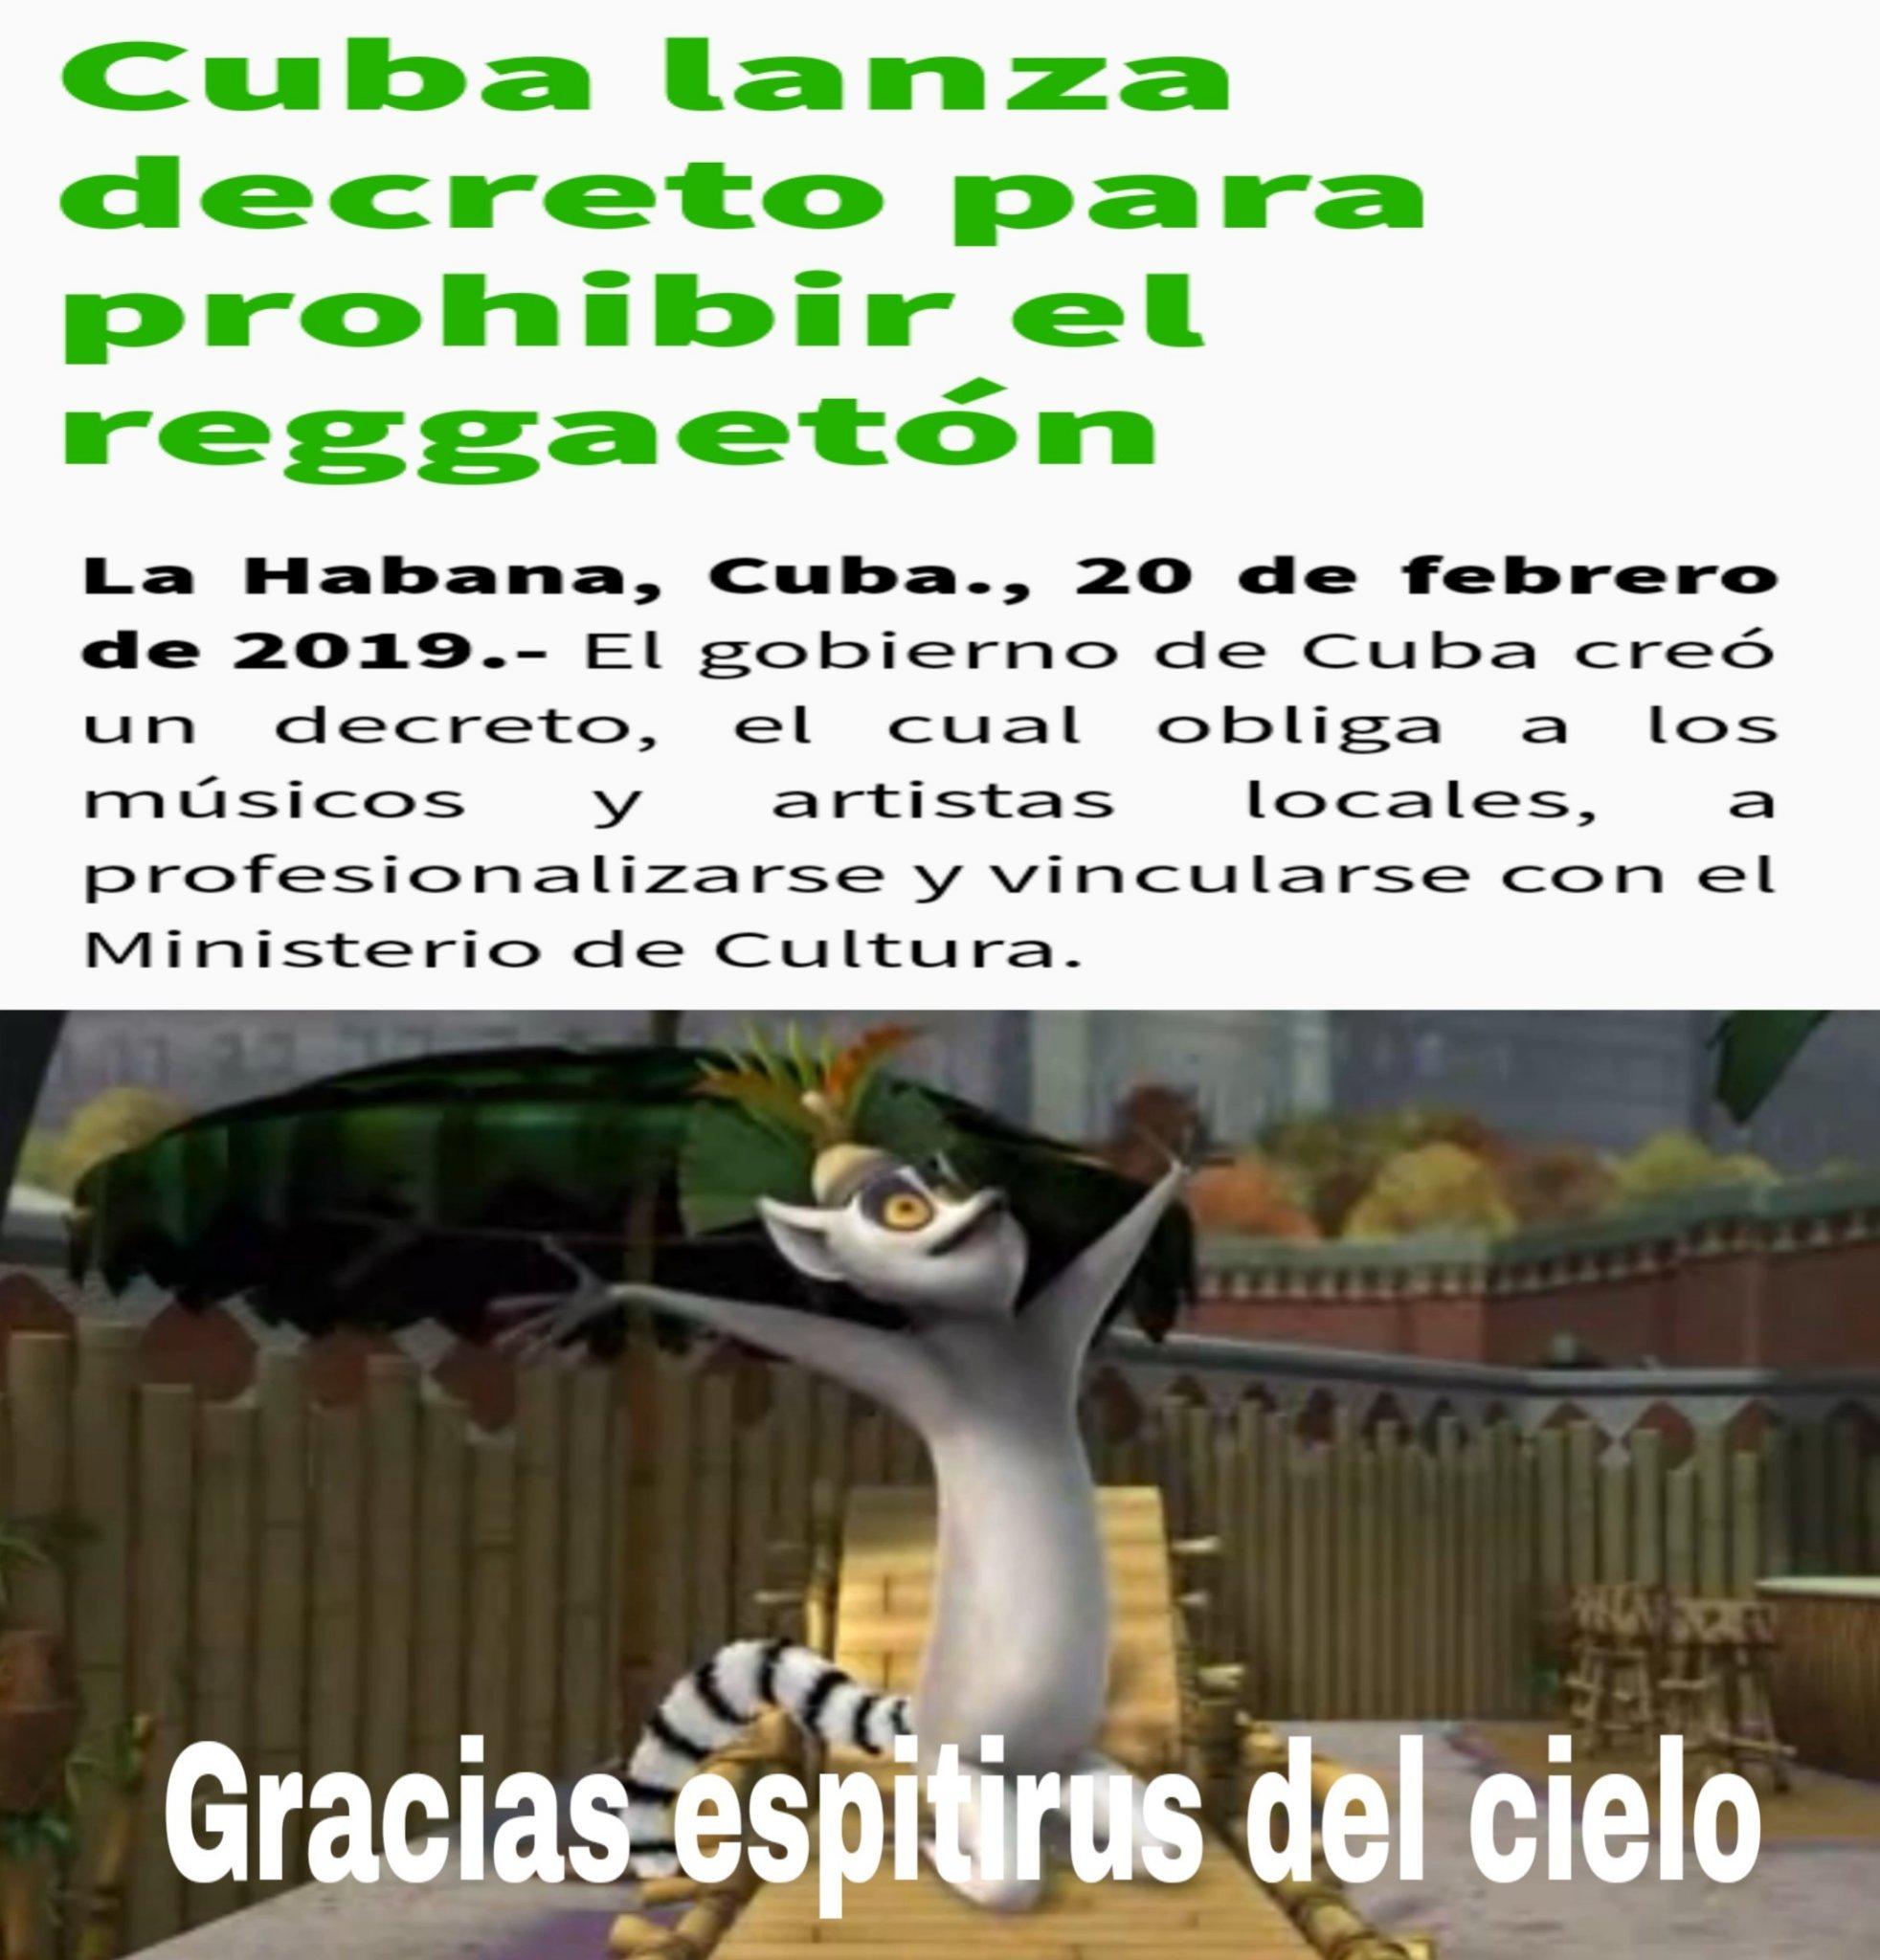 Cuba es inteligente se como cuba - meme